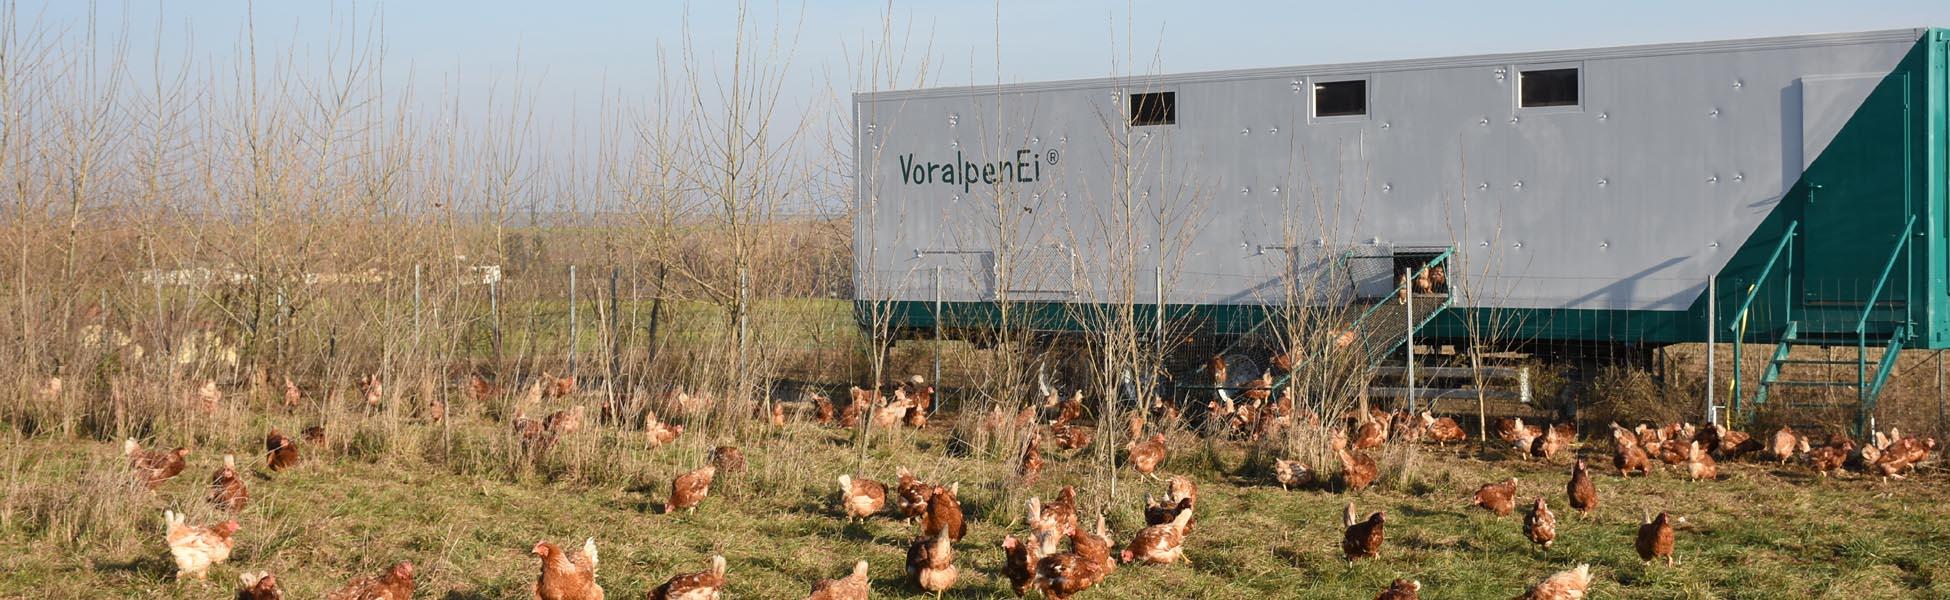 bester Preis für Bio-Eier aus mobiler Freilandhaltung